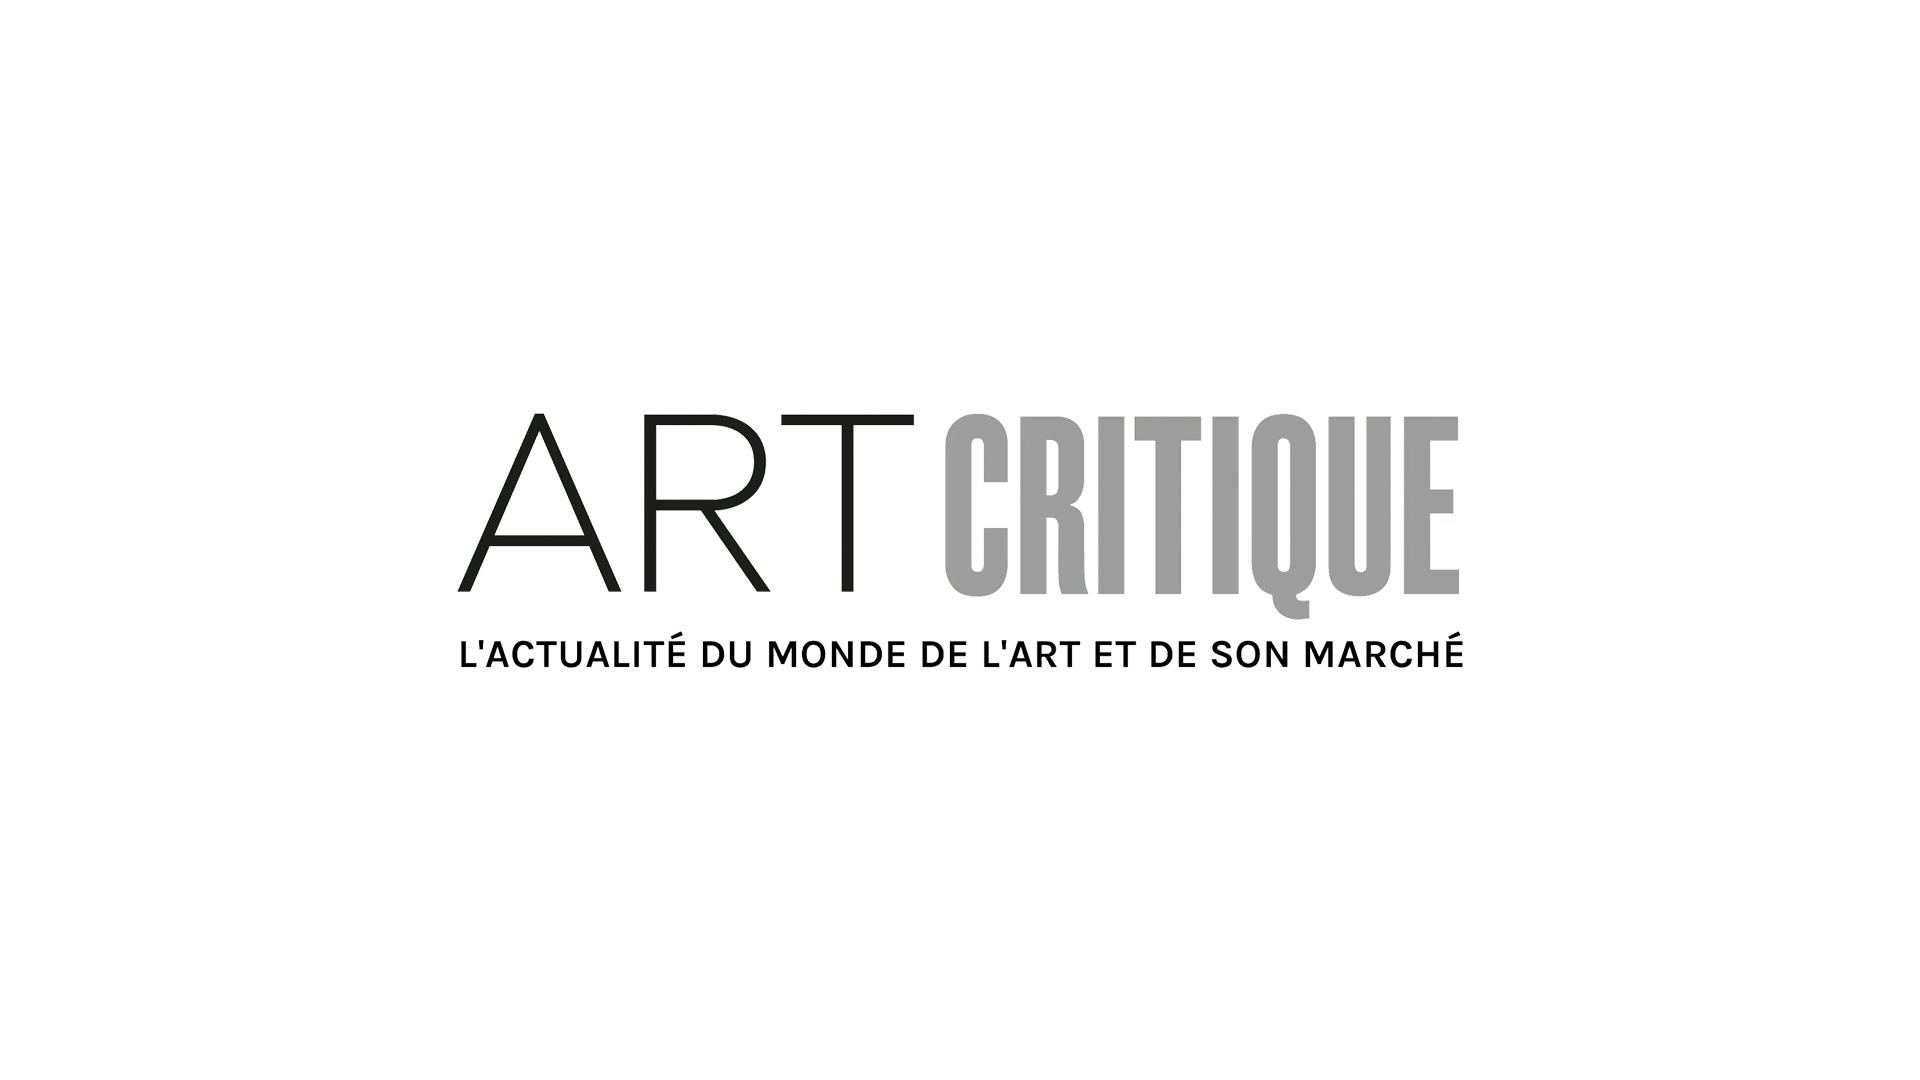 Mais qui a sculpté le buste de la Flora?